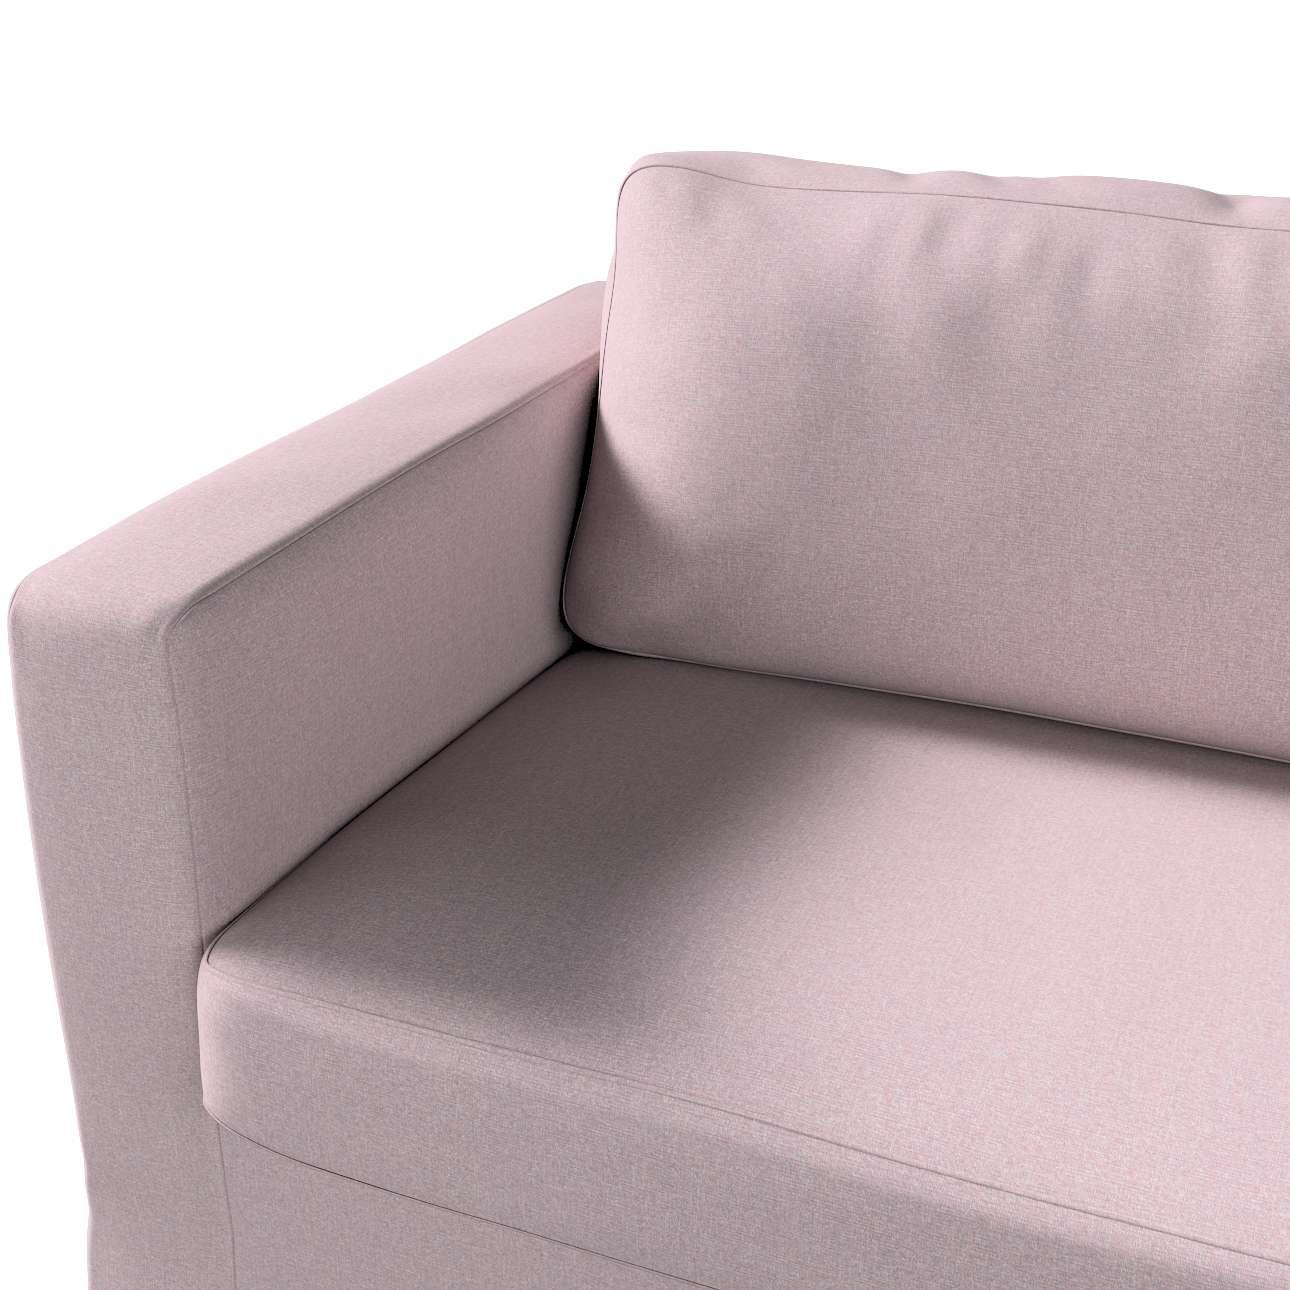 Pokrowiec na sofę Karlstad 3-osobową nierozkładaną, długi w kolekcji Amsterdam, tkanina: 704-51